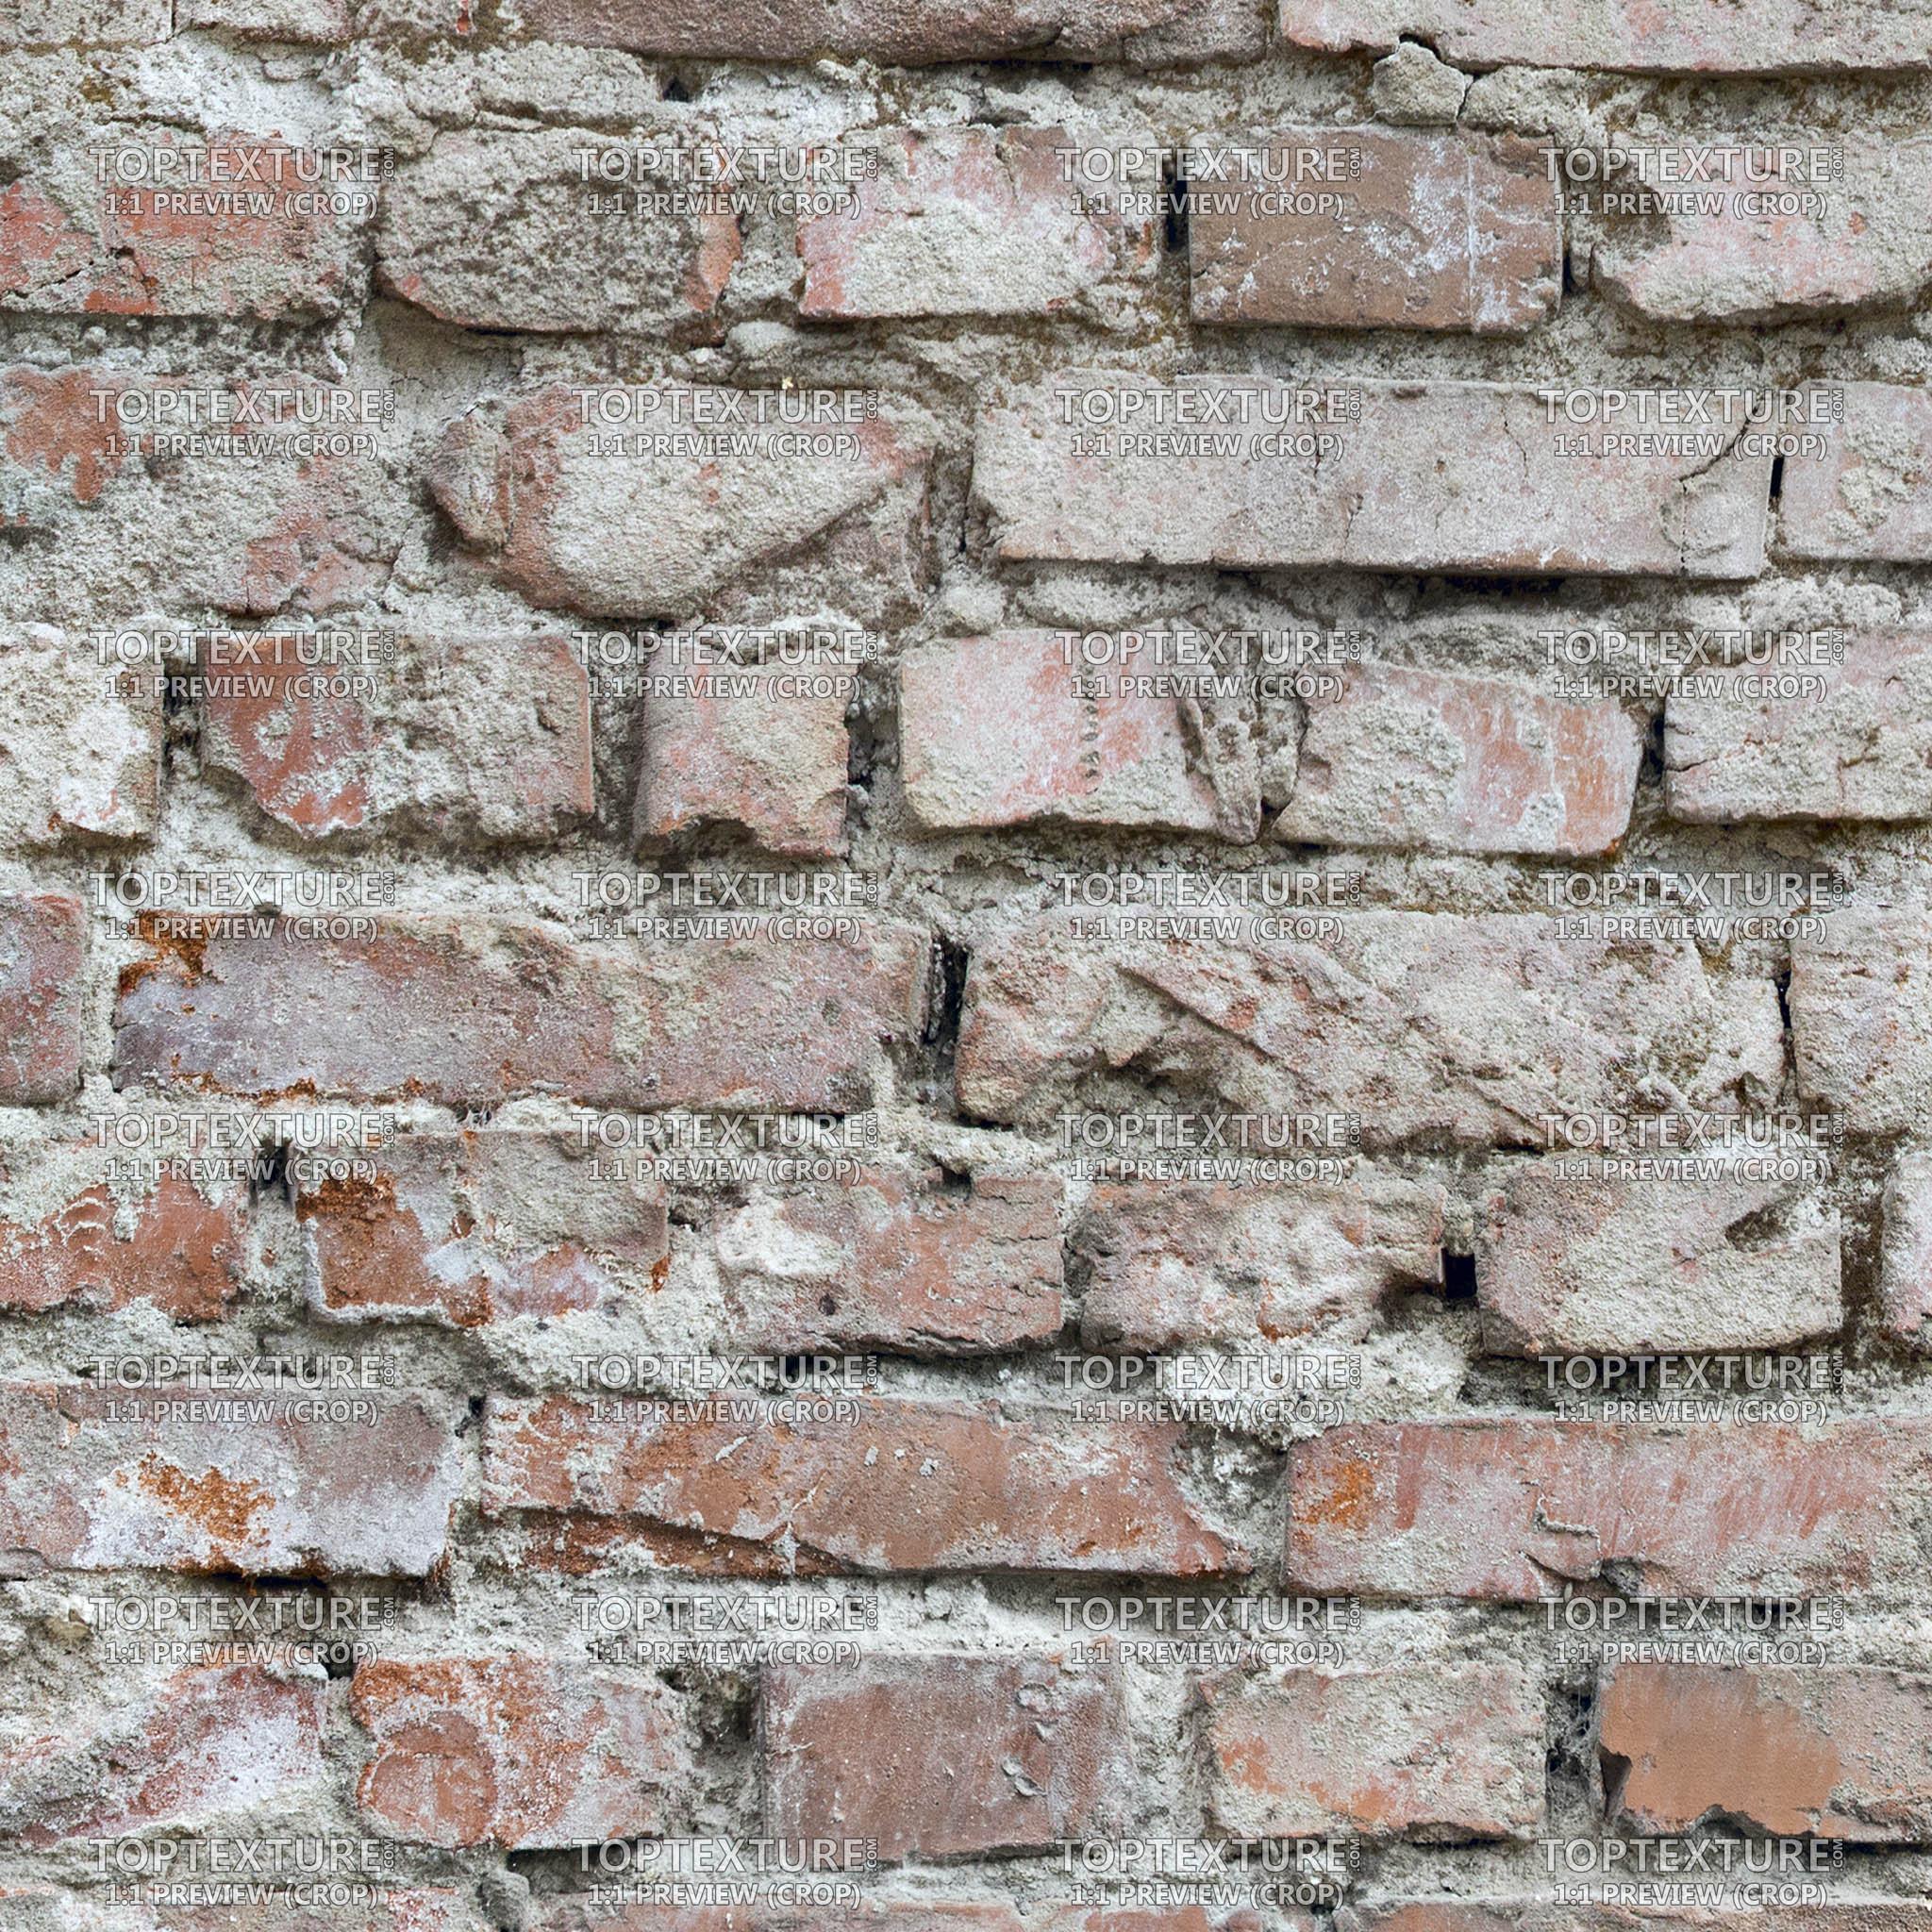 Brick Walls Heavy Dirt - Top Texture